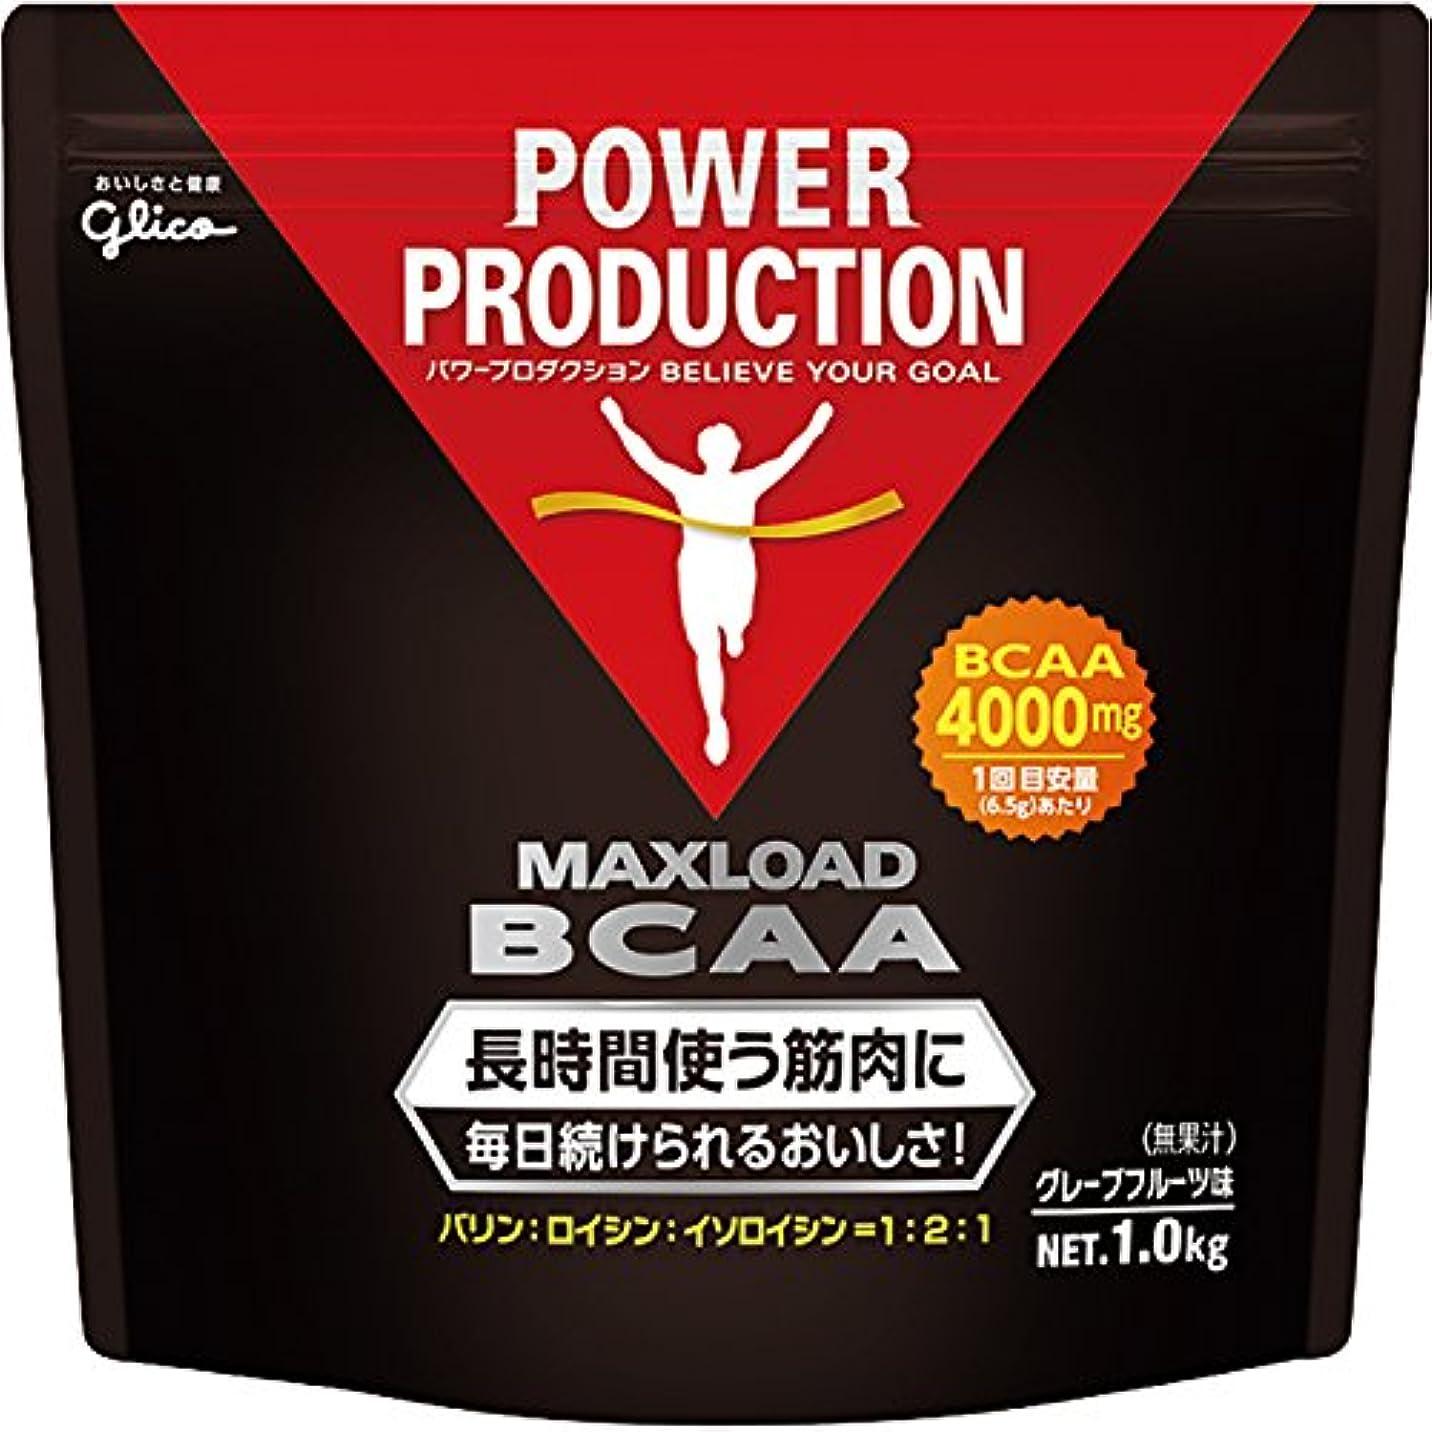 アジャヒステリックゲートグリコ パワープロダクション マックスロード BCAA4000mg アミノ酸 グレープフルーツ風味 1kg【使用目安 約153回分】